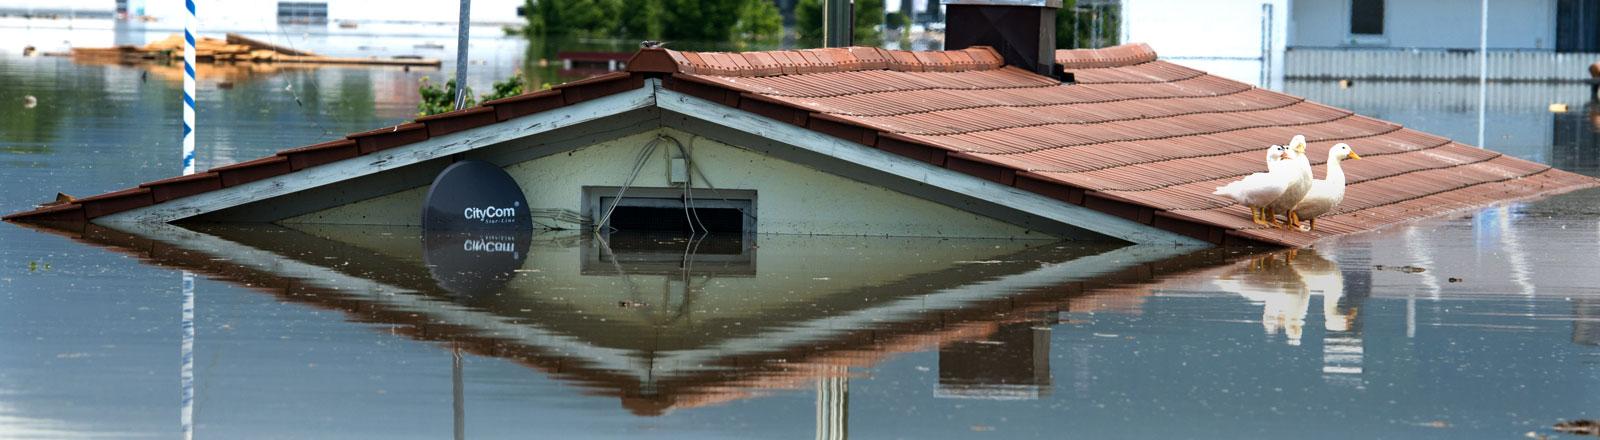 Nur doch das Dach von einem Wohnhaus ragt am 06.06.2013 im Deggendorfer Ortsteil Fischerdorf (Bayern) aus dem Hochwasser der Donau.